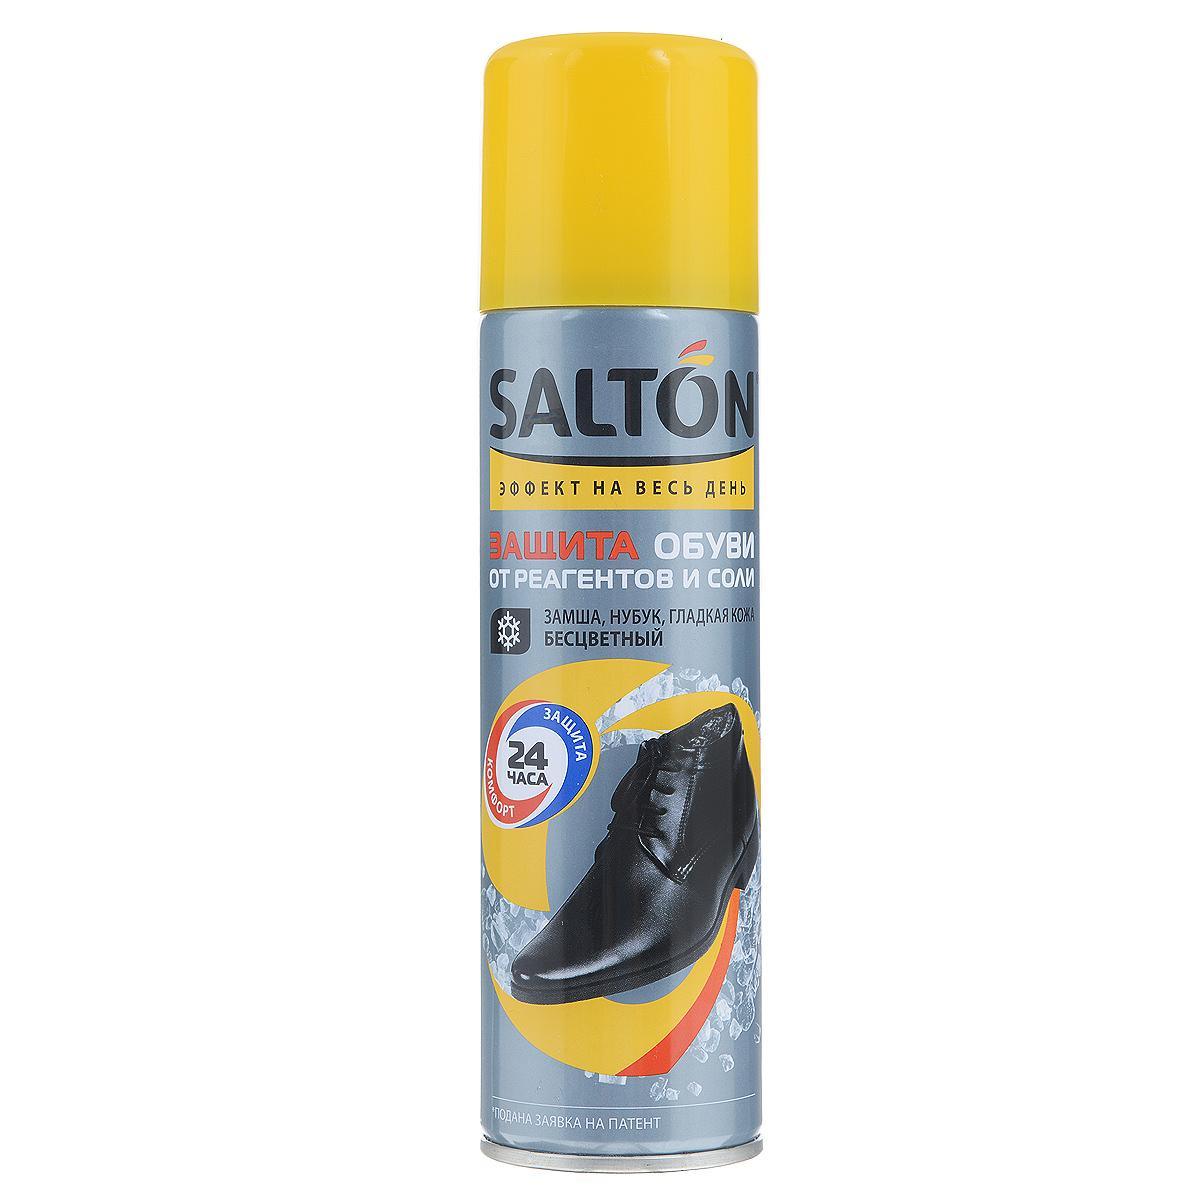 Защита обуви от реагентов и соли Salton, цвет: бесцветный, 250 млRC-100BPCСредство Salton предназначено для предотвращения появления солевых разводов на поверхности обуви. Обеспечивает длительную защиту от воздействия антигололедных реагентов, снега, грязи и воды. Подходит для изделий из гладкой кожи, замши, велюра, нубука, текстиля и мембранных материалов.Не использовать для лаковой кожи!Состав: 5% но 30%: алифатический растворитель, пропеллент (бутан, изобутан, пропан).